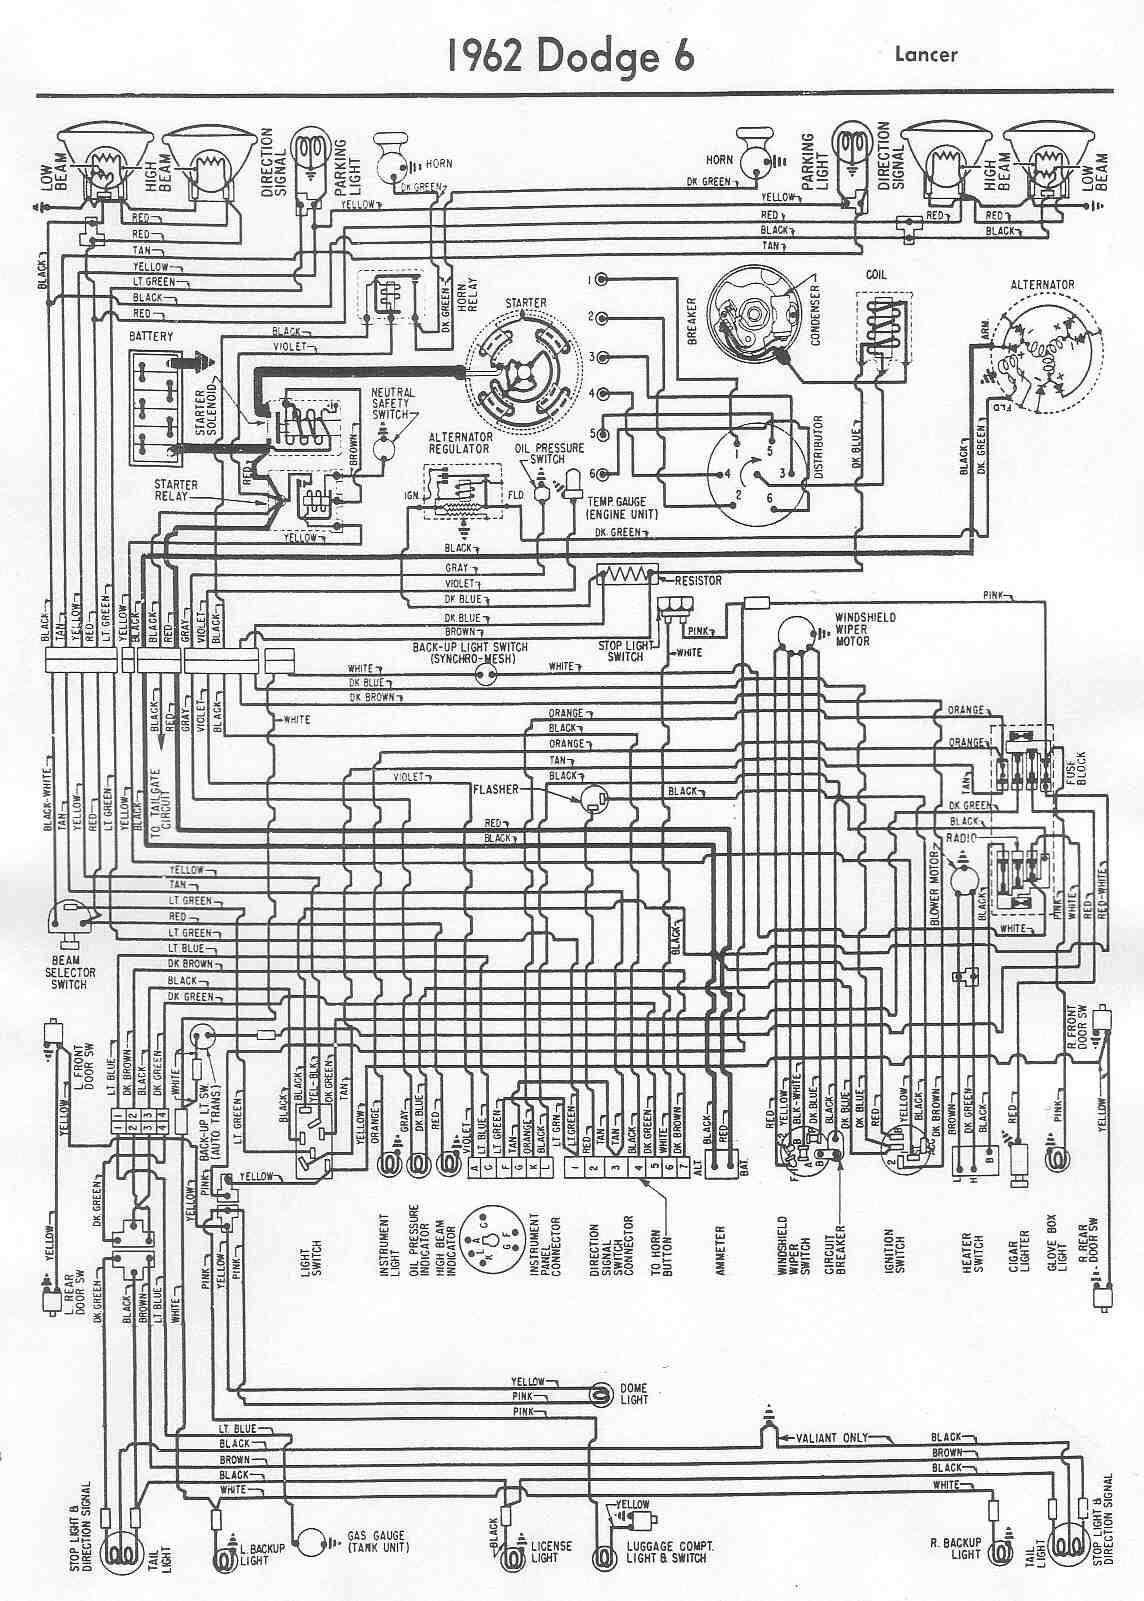 2003 Dodge Neon Wiring Diagram Light Schematic Diagrams Schematics 1996 Dakota